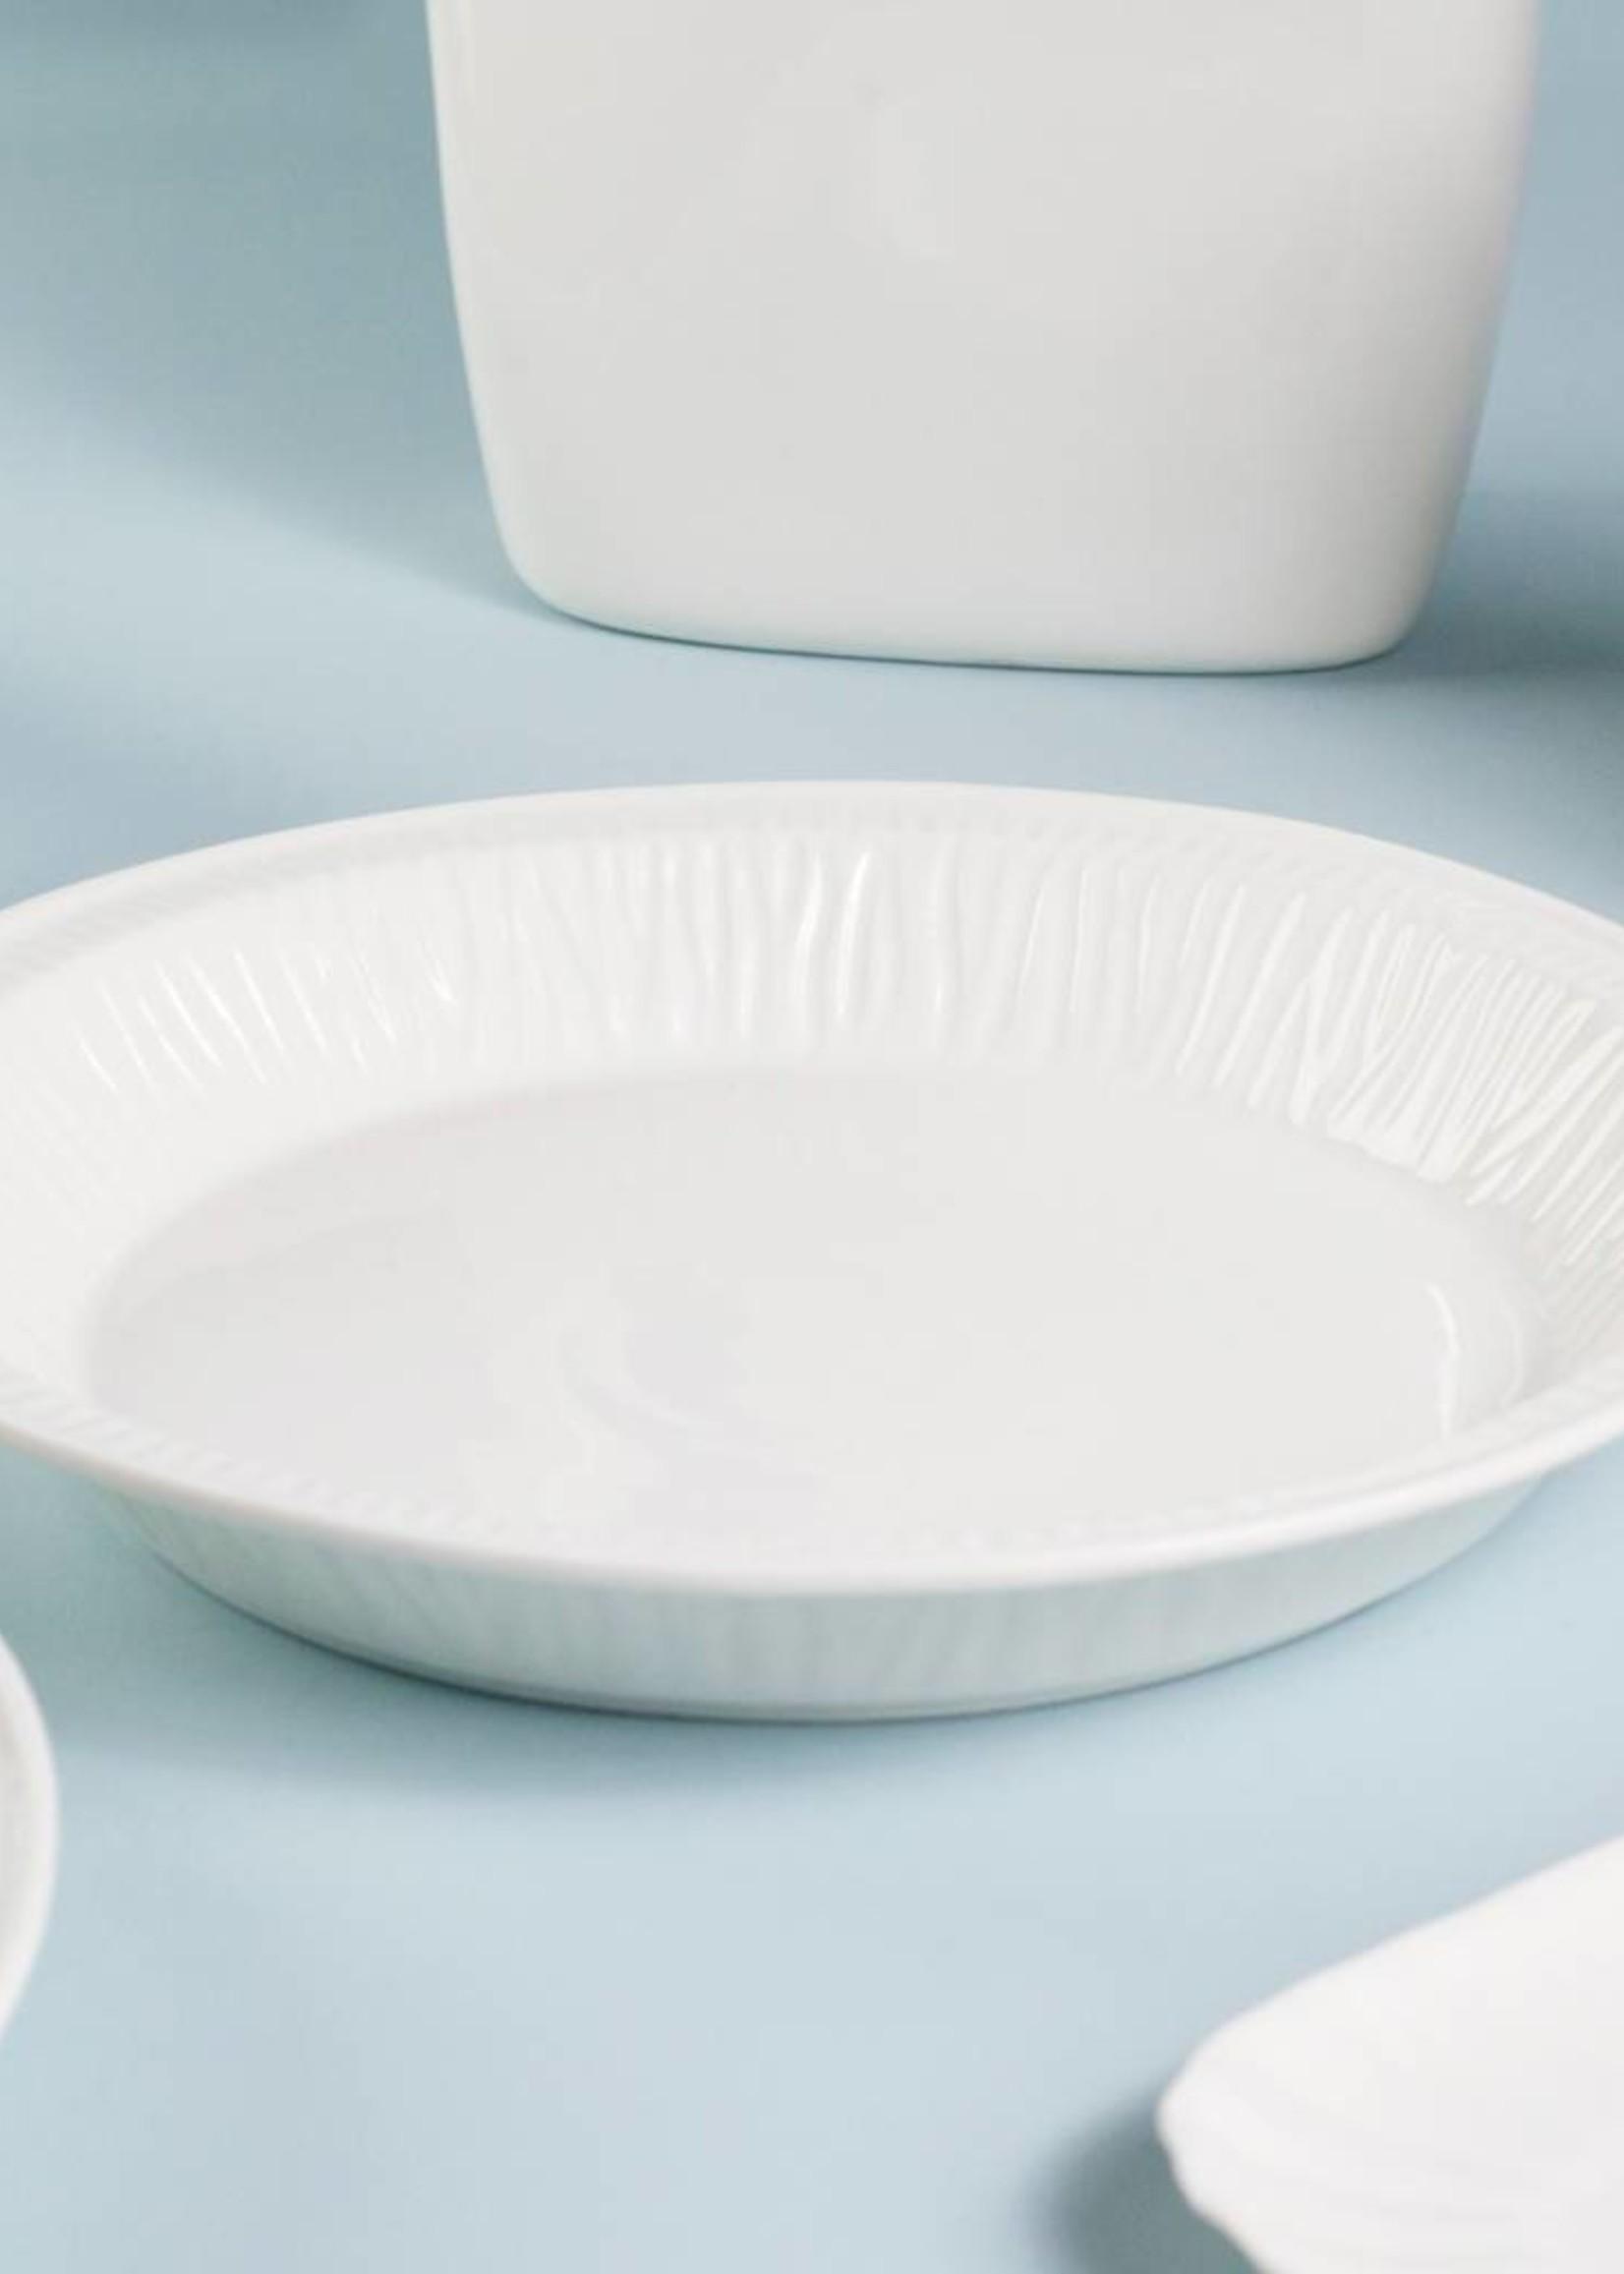 Seletti Estetico Quotidiano Soup Bowl